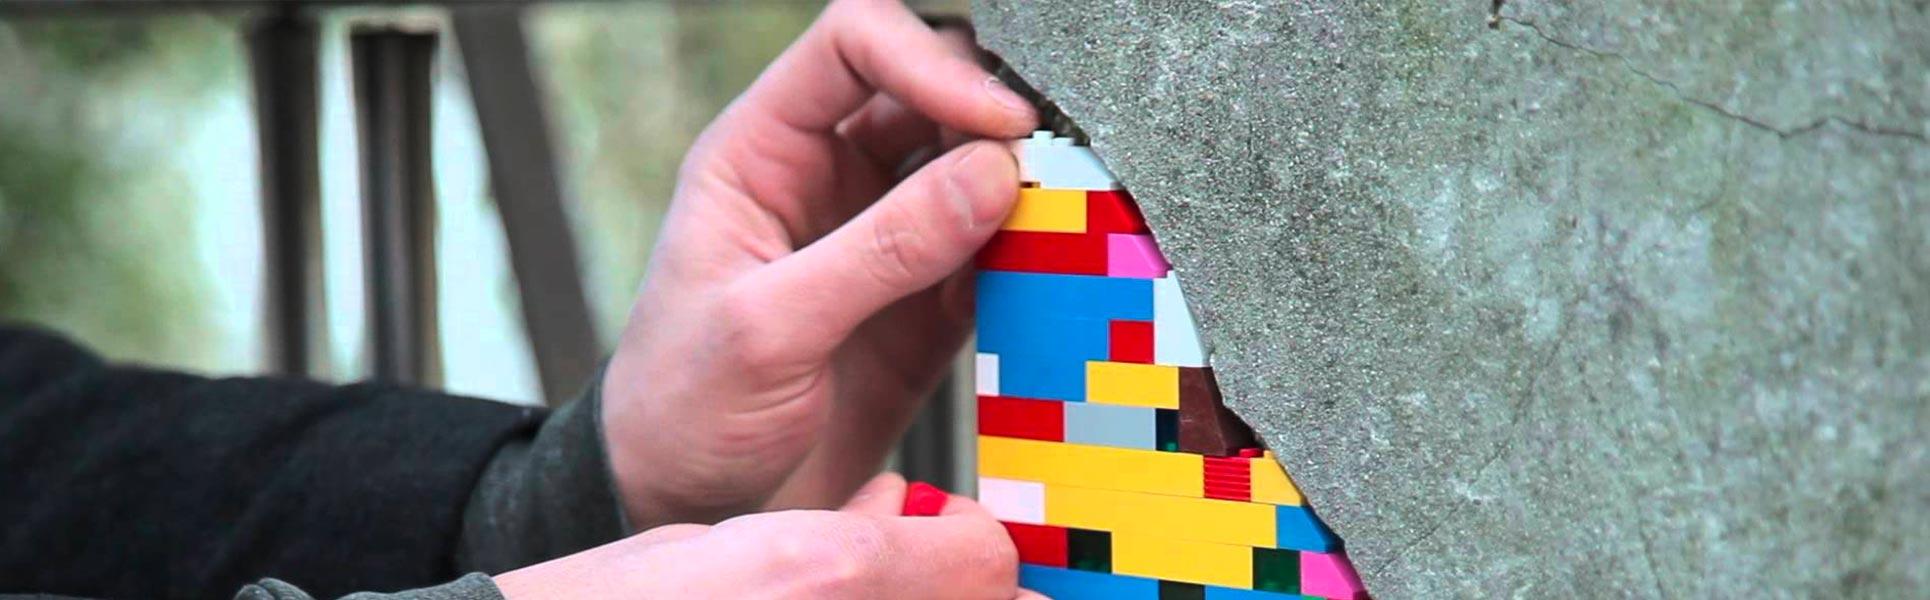 Riparare le crepe nei muri è un'arte